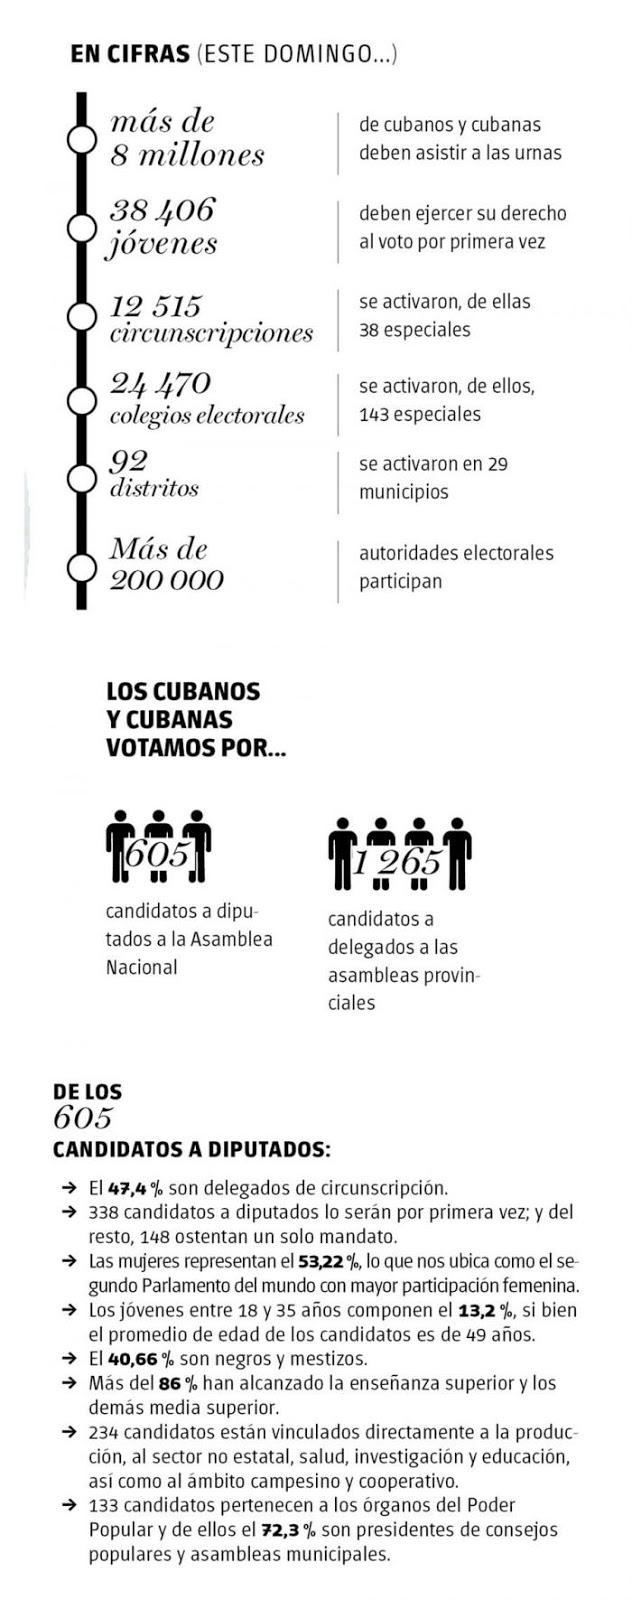 asociacionjgg: Ejercerán el voto ocho millones de cubanos mañana